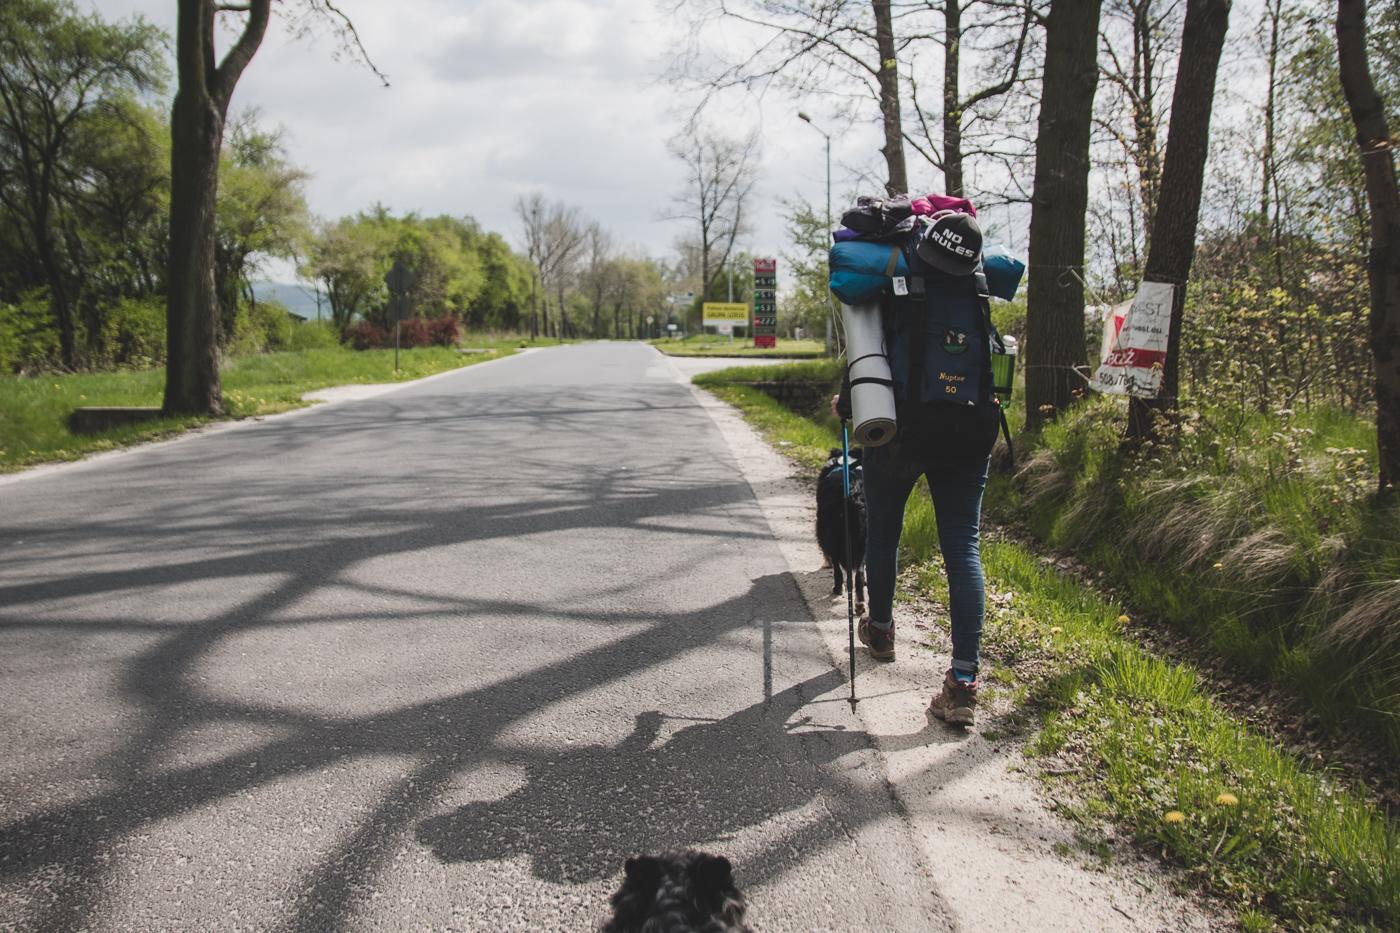 dobra komunikacja topodstawa wędrówek potrudniejszych szlakach iwzdłuż dróg